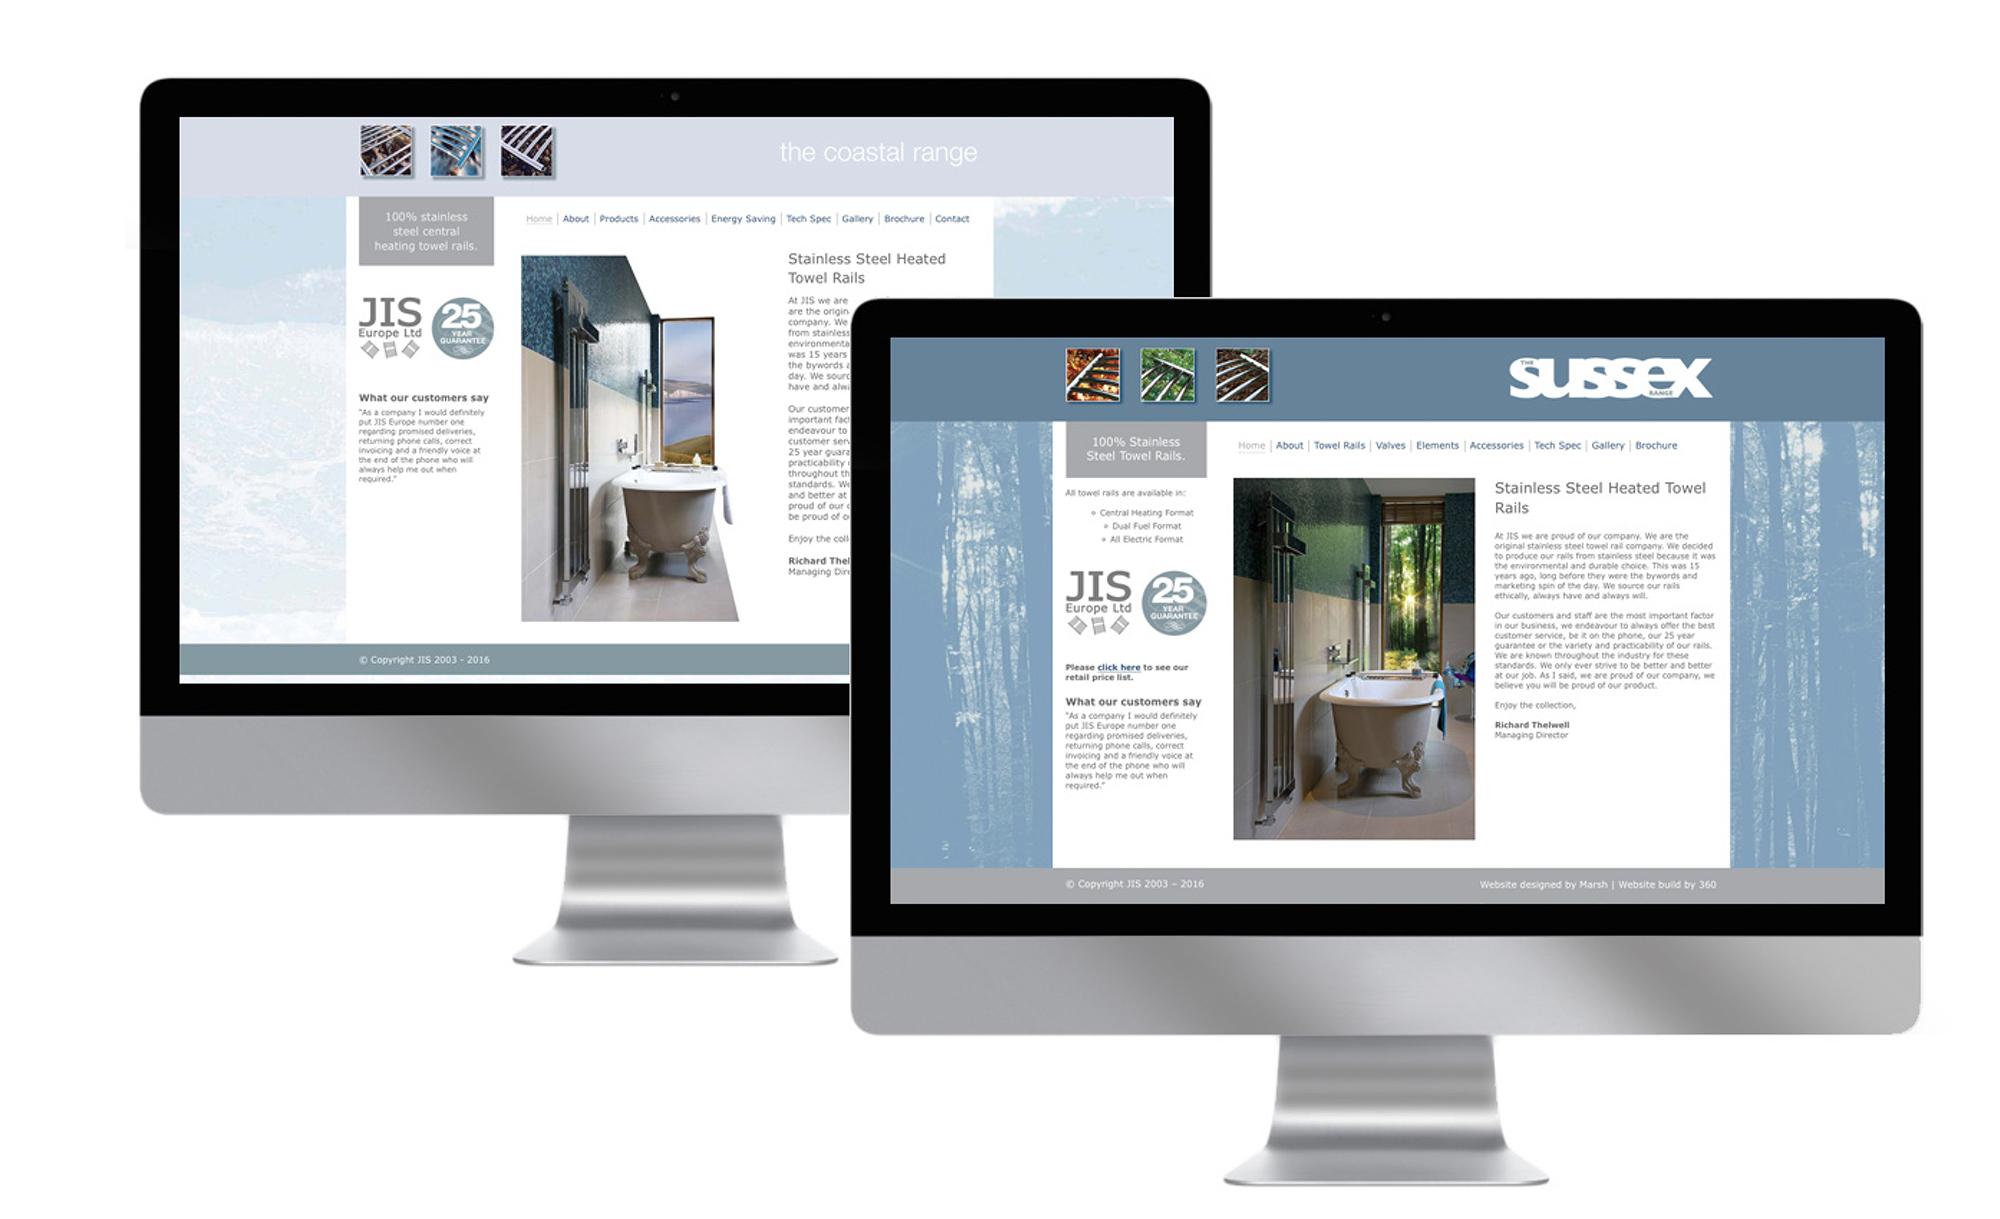 JIS Sussex Range Website